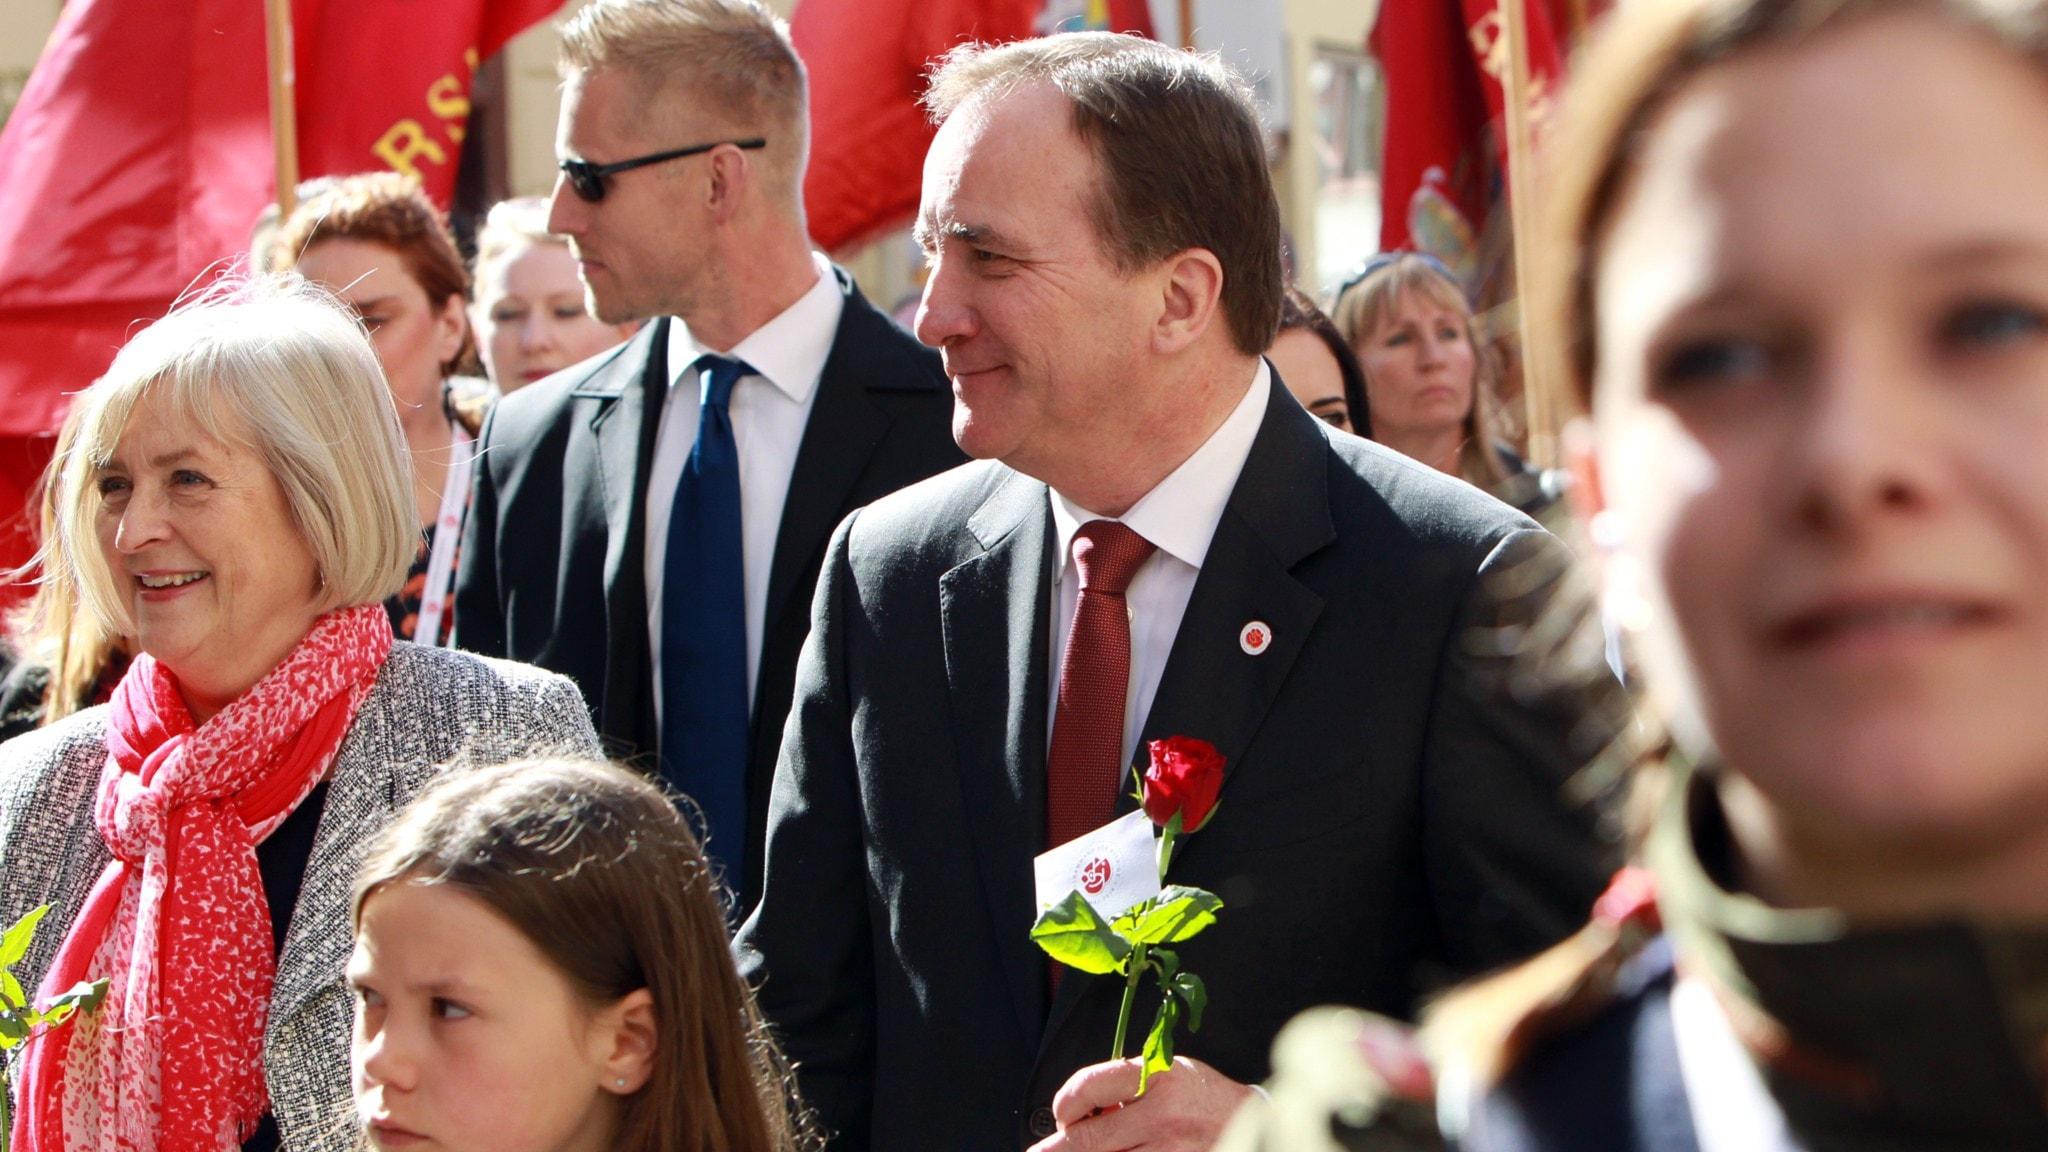 Socialdemokraternas partiledare Stefan Löfven hand i hand med fru Ulla Löfven i 1:a maj tåget i Göteborg. Foto: Frida Winter/TT